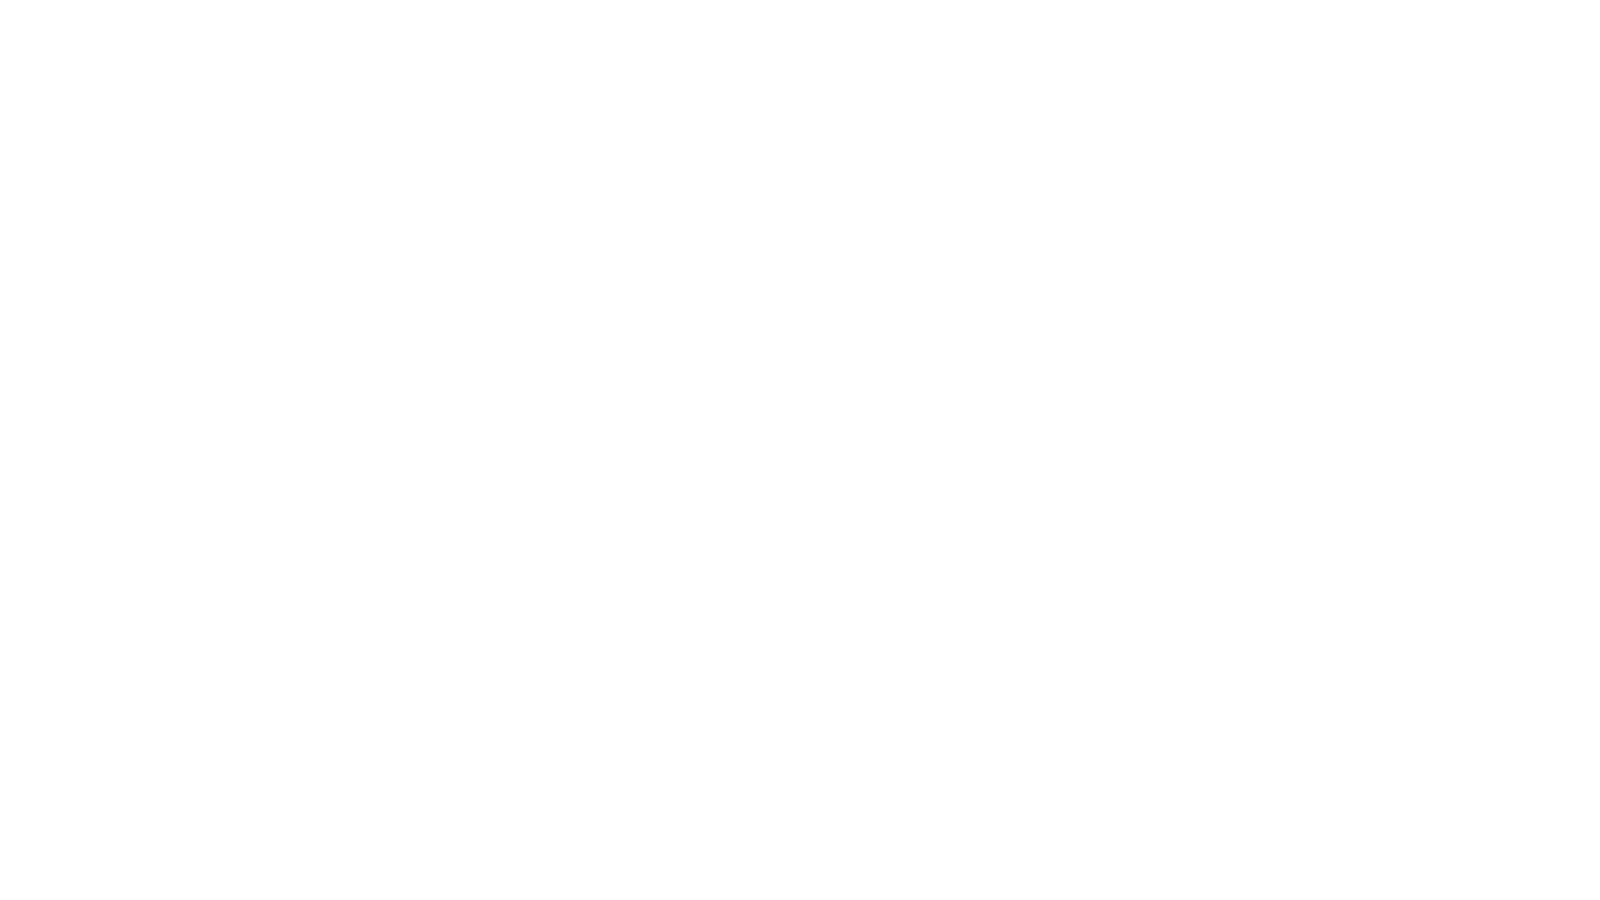 """У Червонограді презентували проморолик міста. Проєкт реалізовано Благодійним фондом """"Фундація розвитку Червонограда"""" в рамках міської програми фінансової підтримки соціально-культурних проєктів громадських організацій та громадських спілок у 2020 році."""